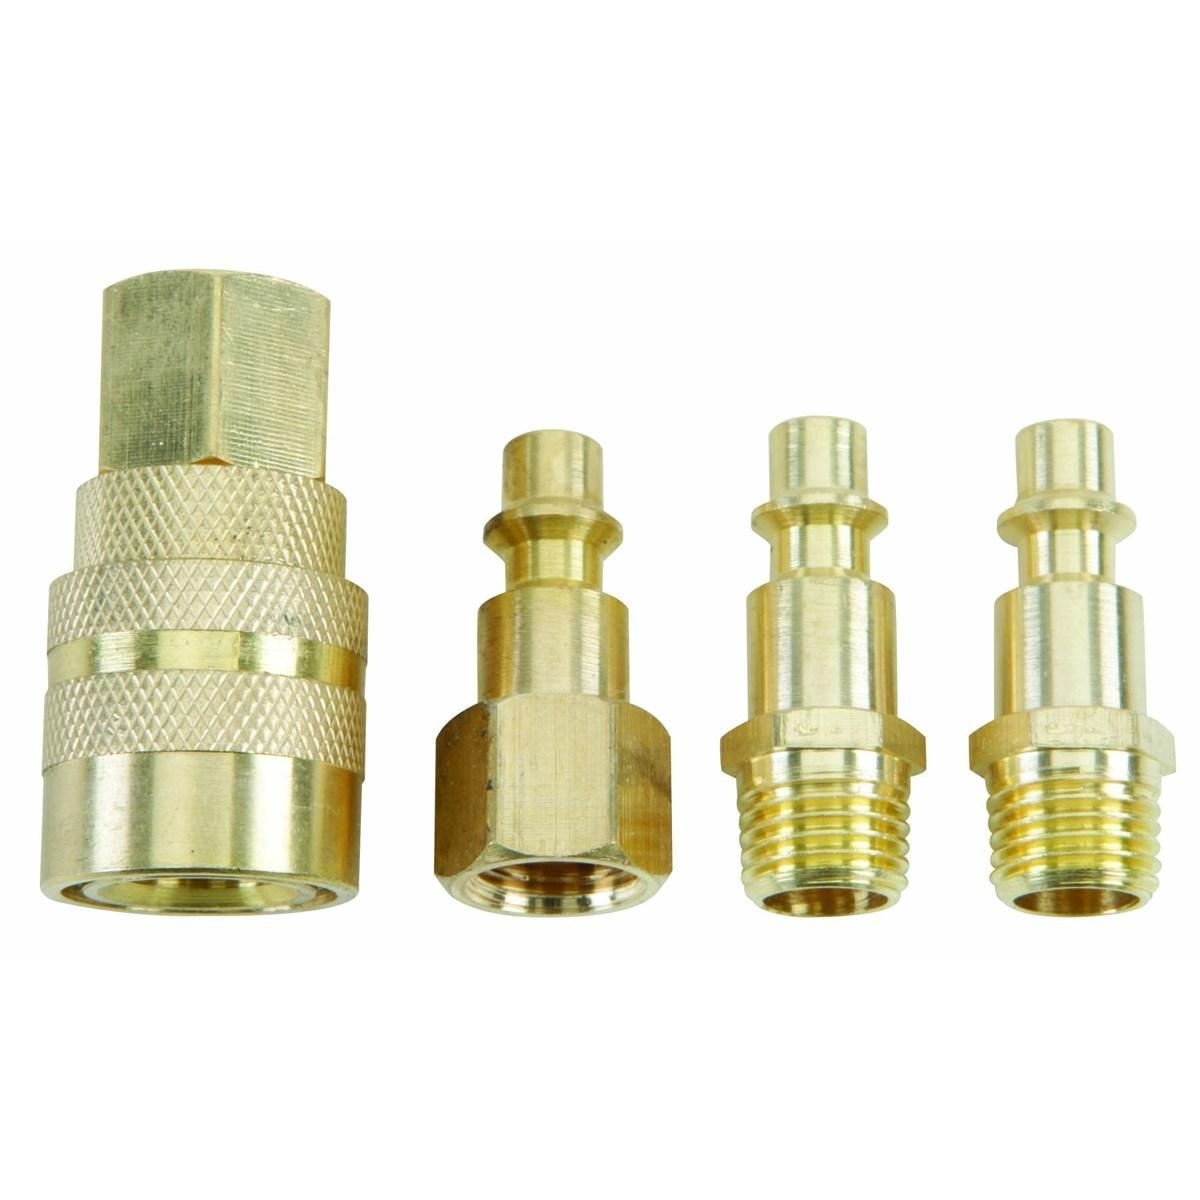 USA Universal Quick Coupler for Air Compressor